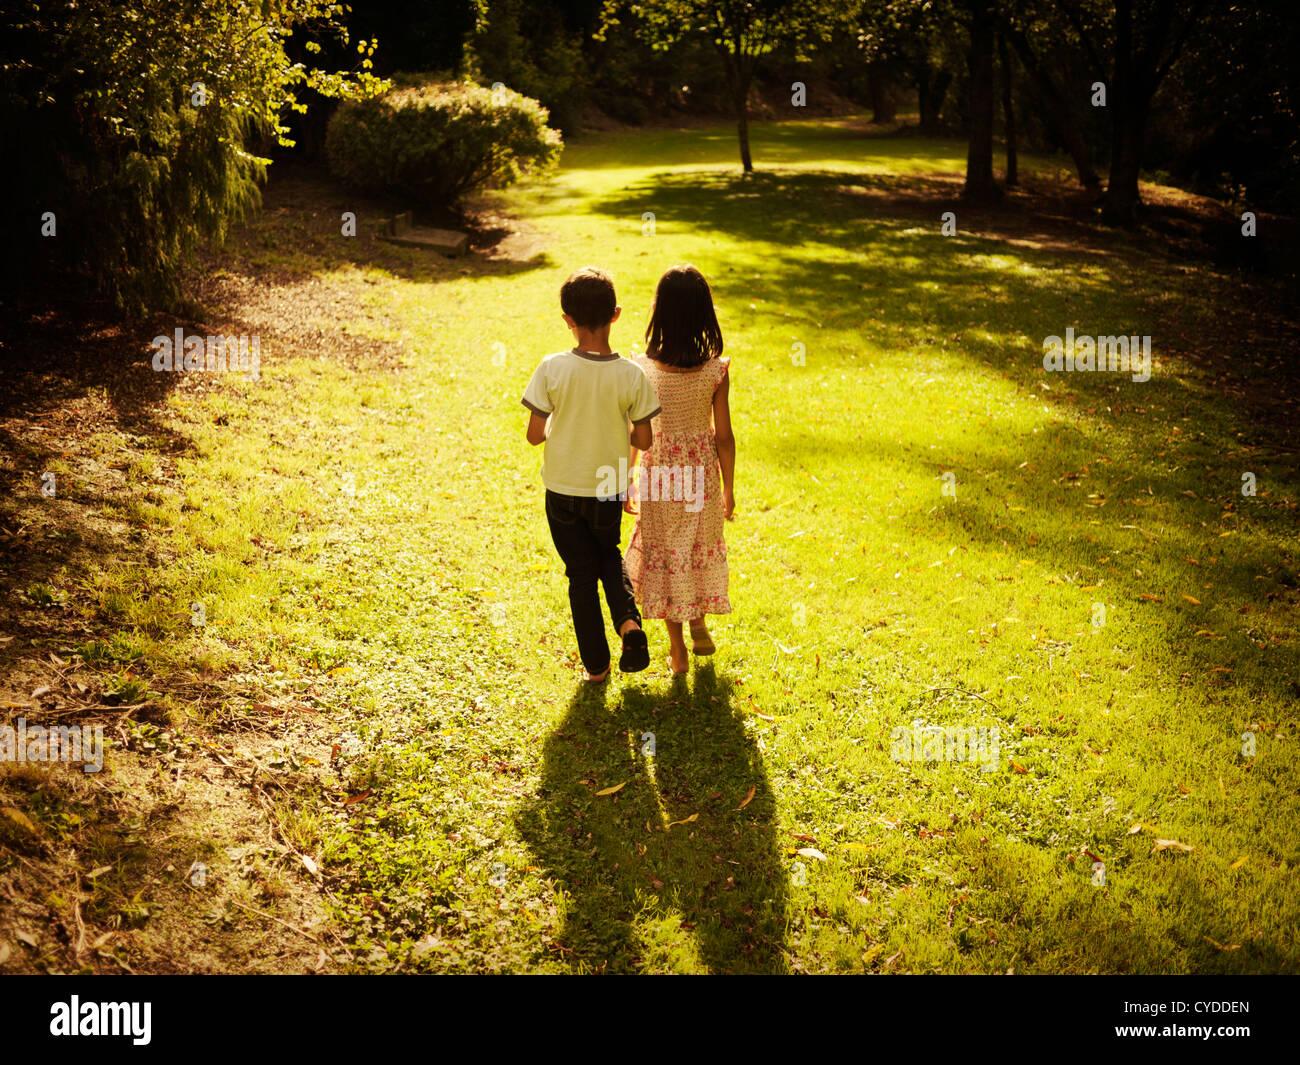 Hora de ouro: boy e a garota verão caminhada à tarde no bosque Imagens de Stock